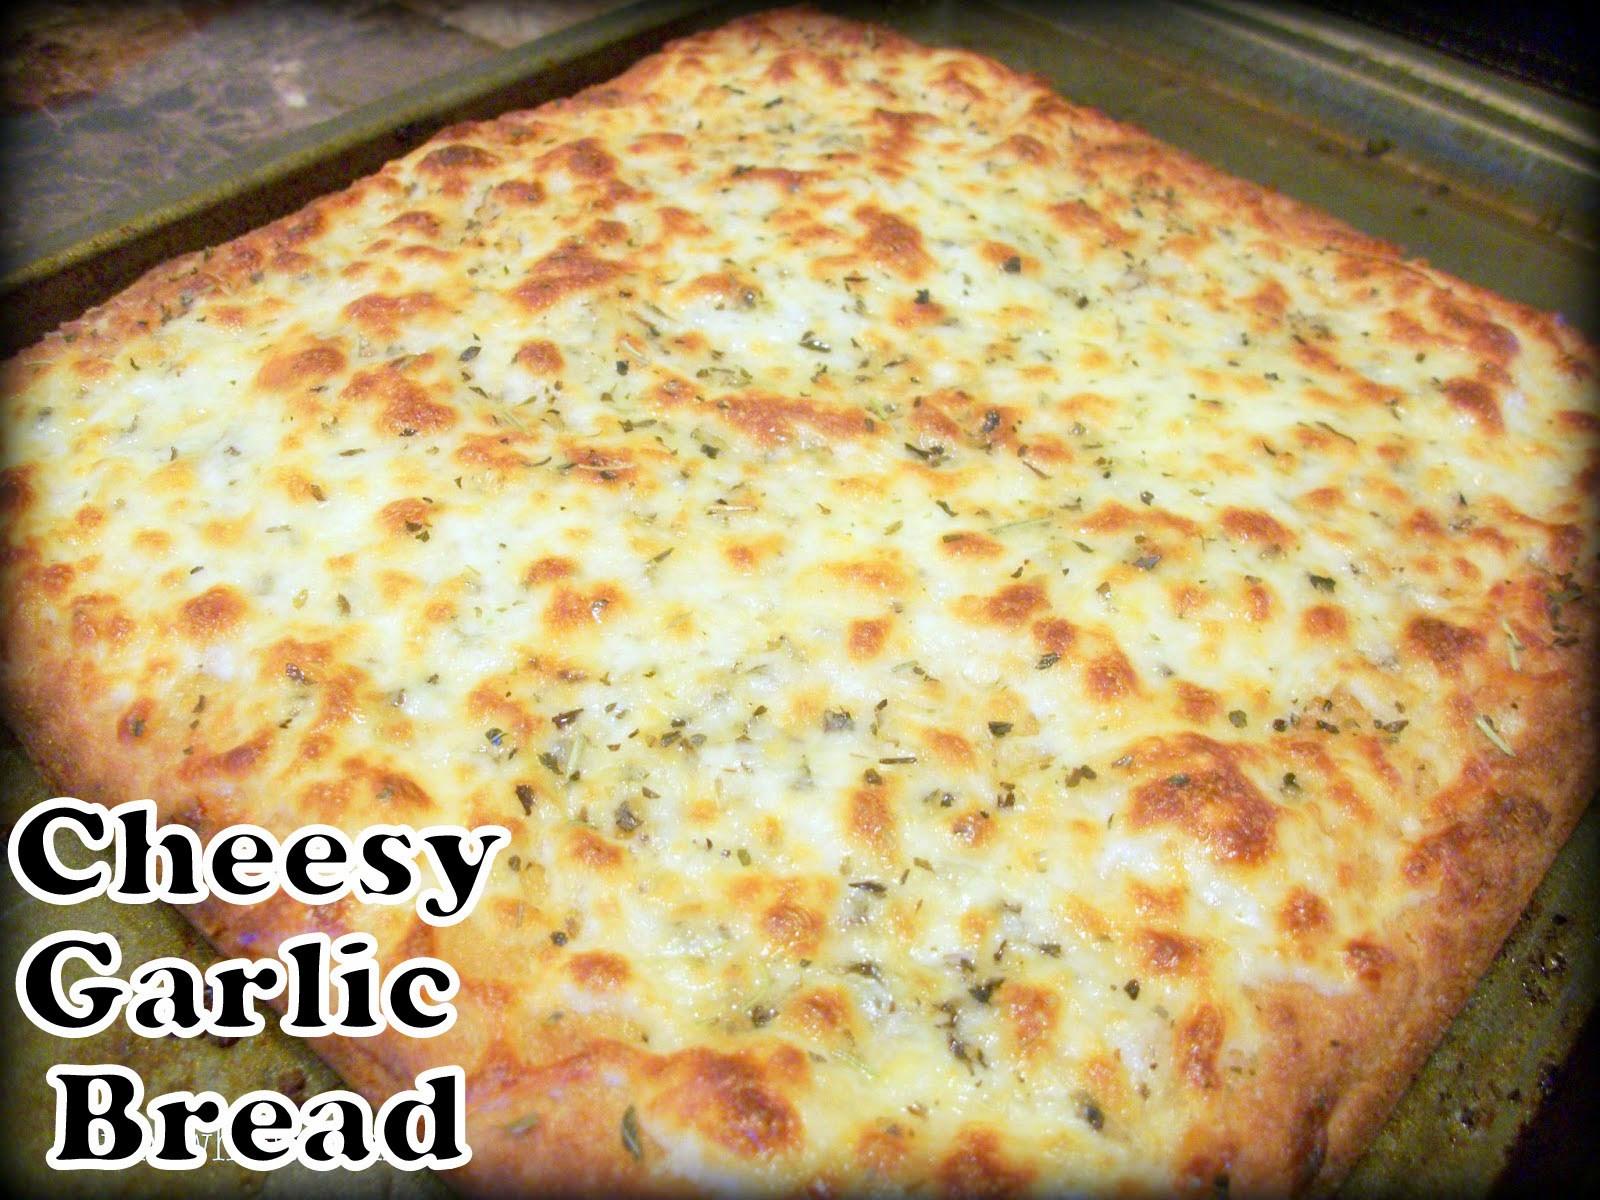 Low Calorie Garlic Bread  Low Carb Cheesy Garlic Bread Tasty Farmer